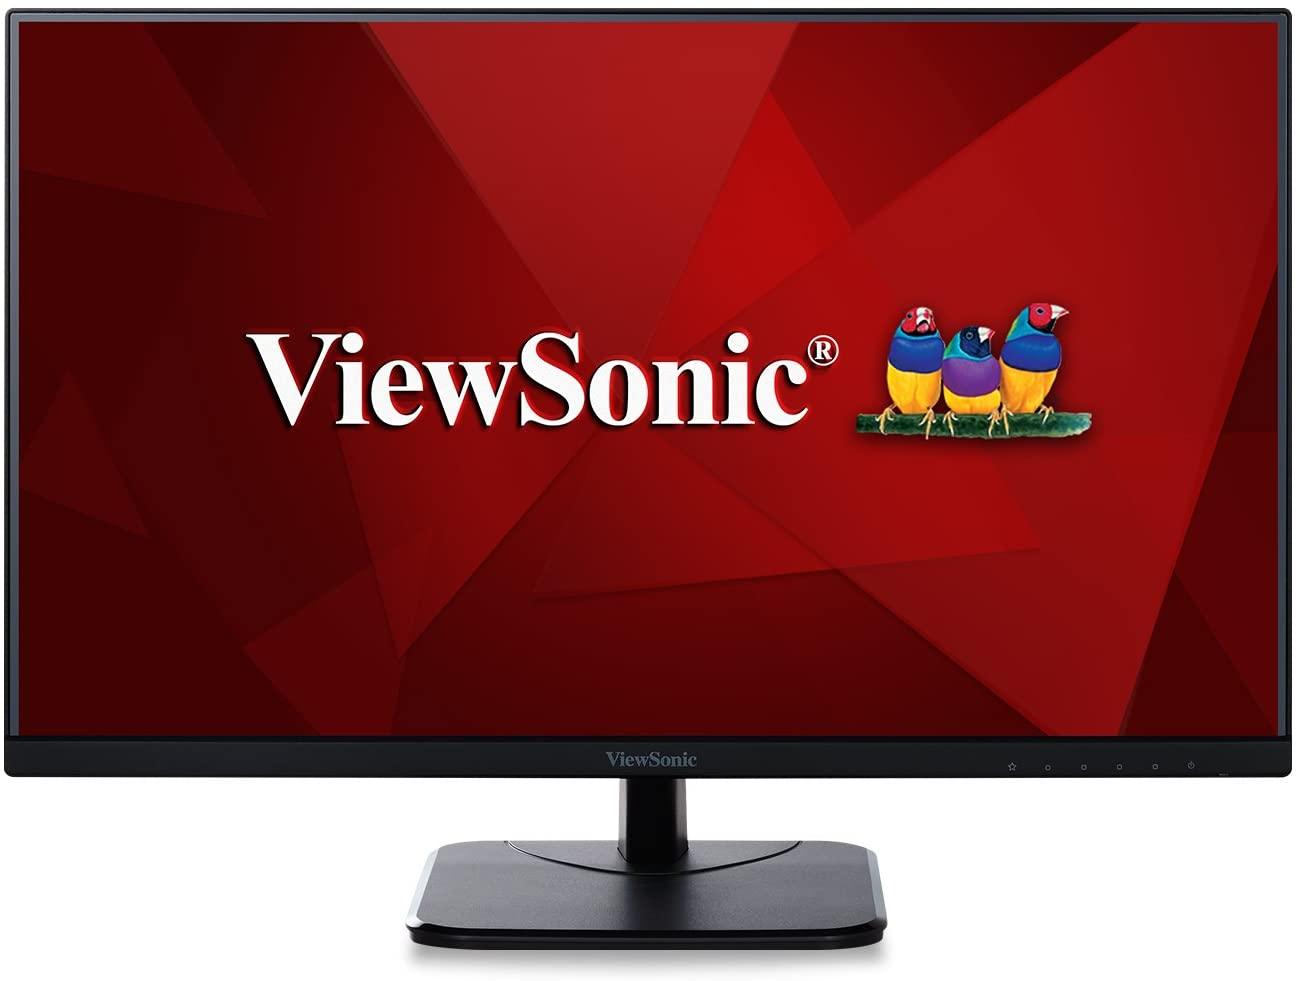 ViewSonic VA2756-MHD 27-inch monitor